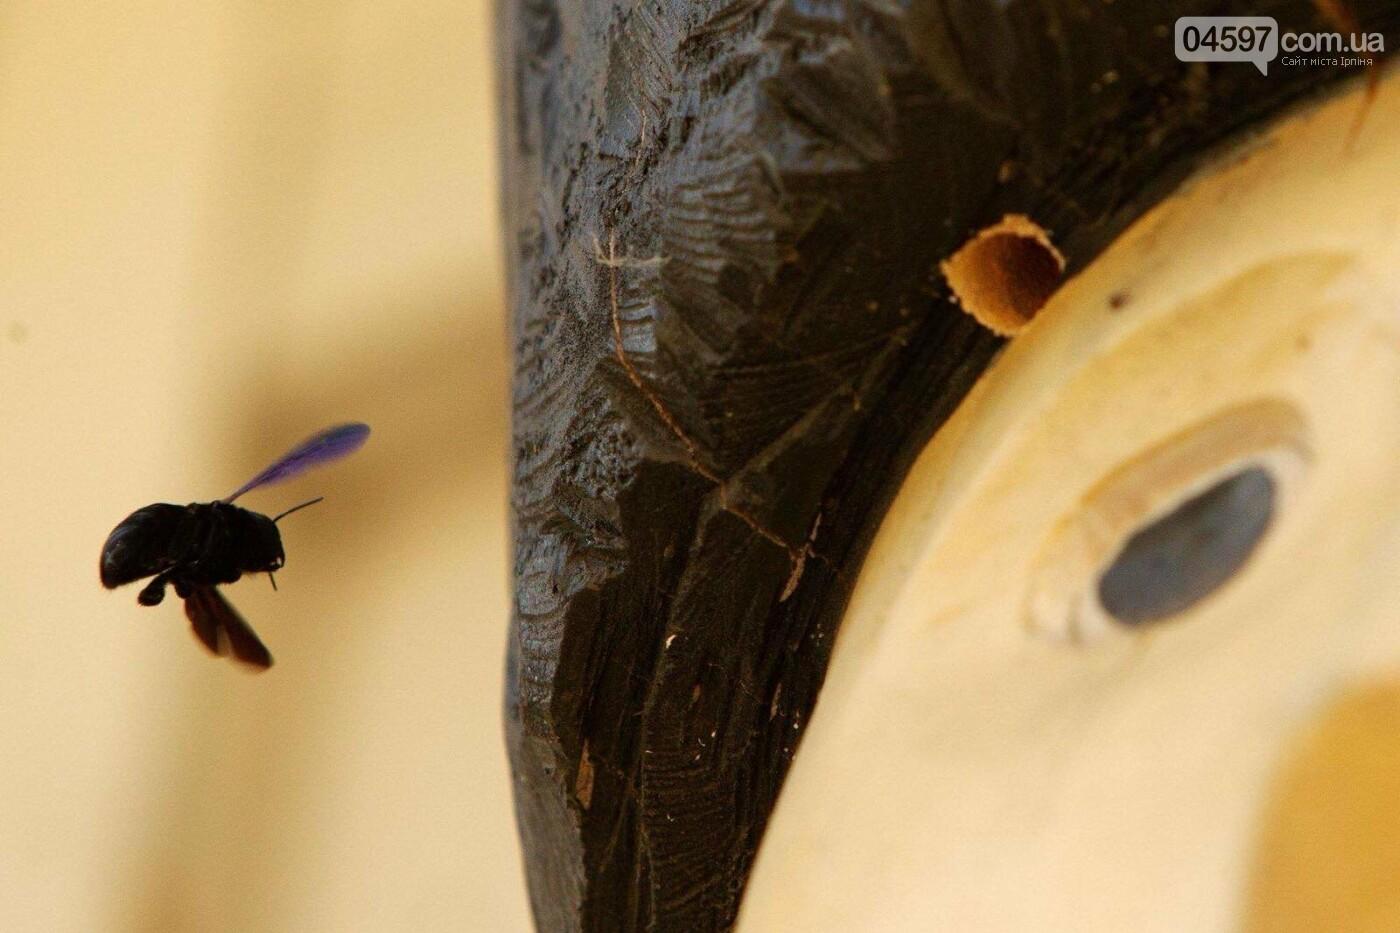 В Ірпені поселилися червонокнижні бджоли-теслі, фото-2